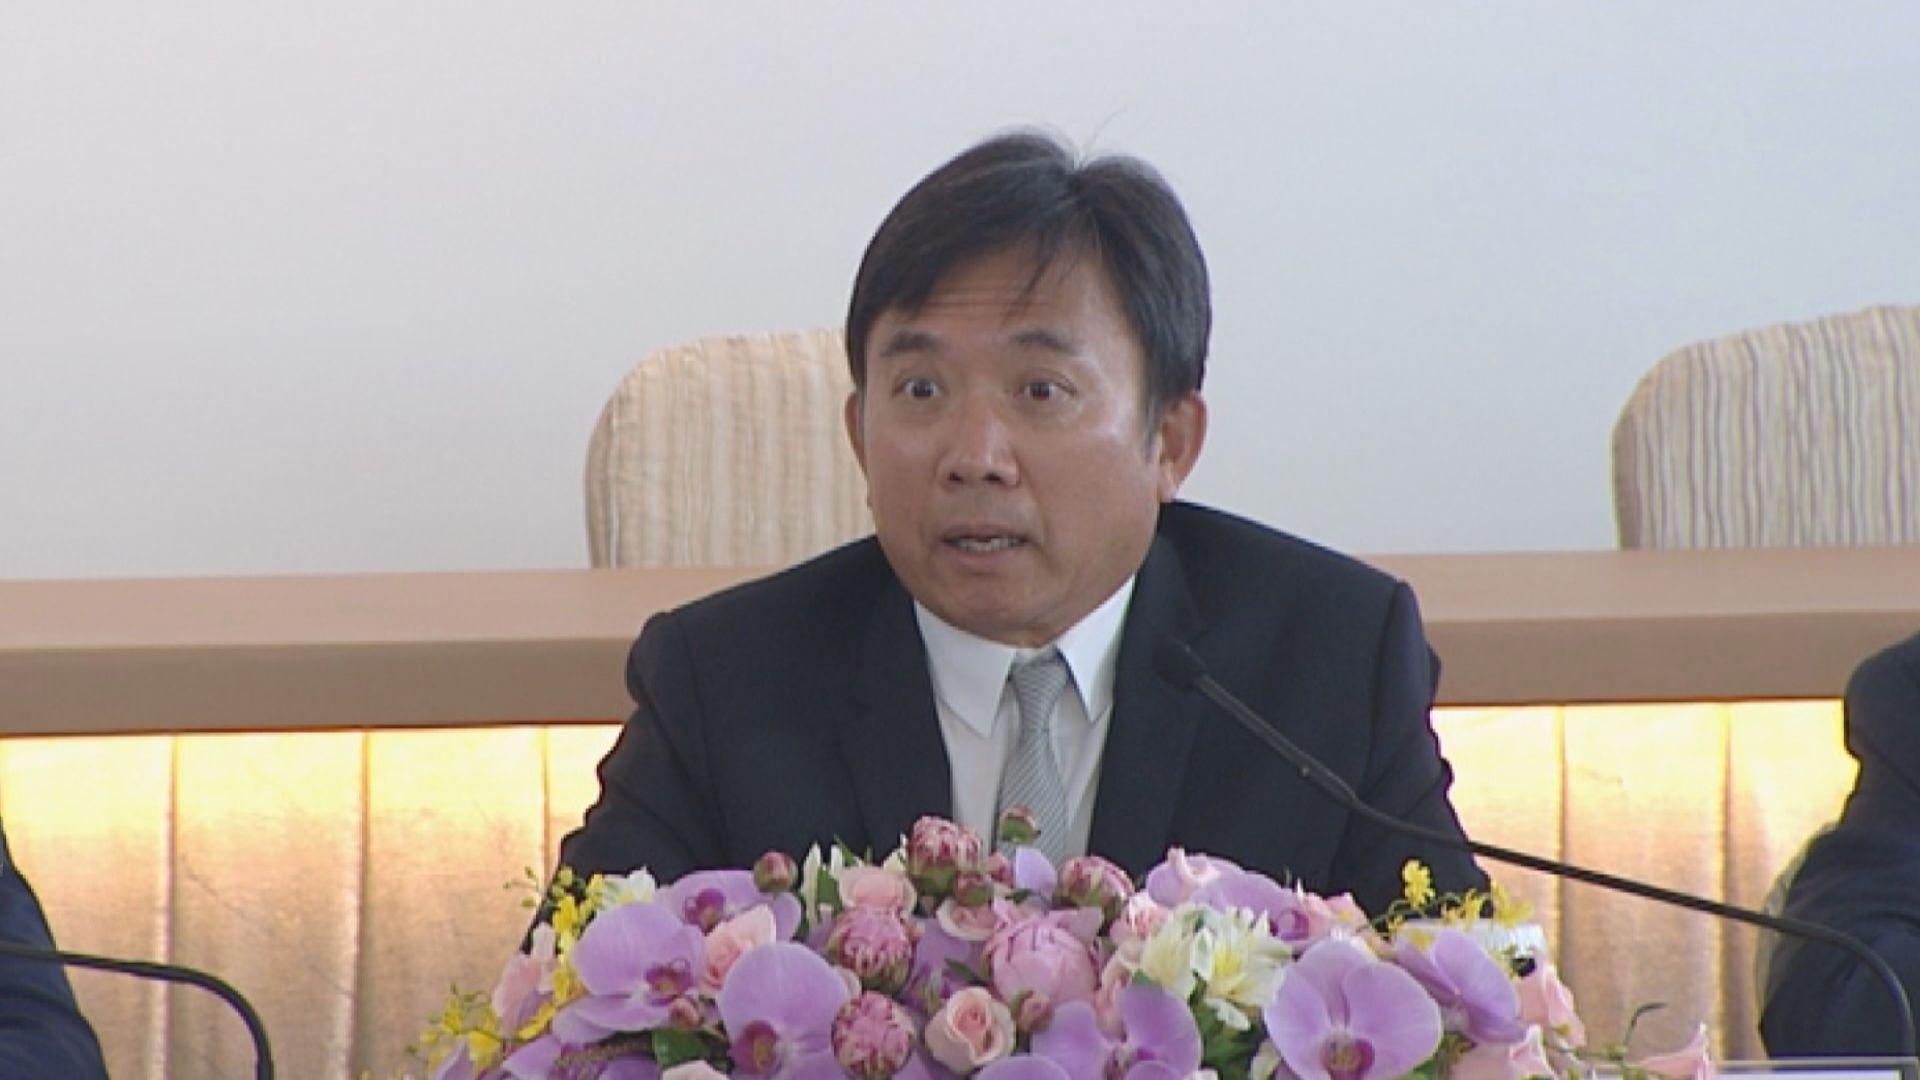 陳國強辭任電視廣播董事局主席及非執董